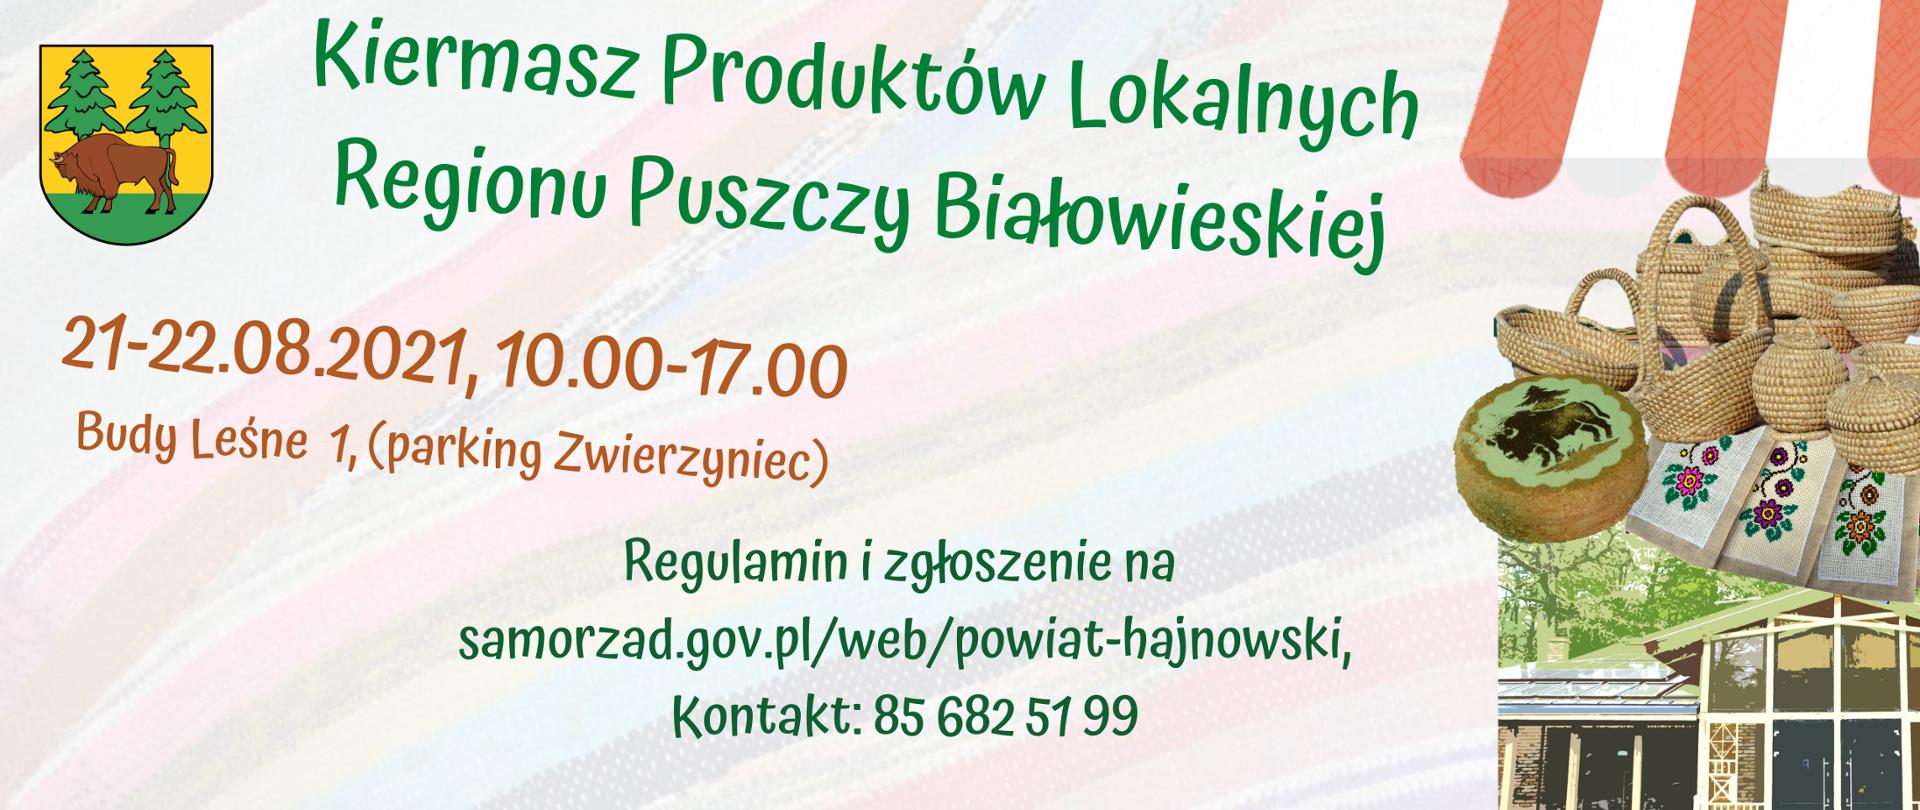 Kiermasz Produktów Lokalnych Regionu Puszczy Białowieskiej, 21-22.08.2021 10.00-17.00 Budy Leśne 1